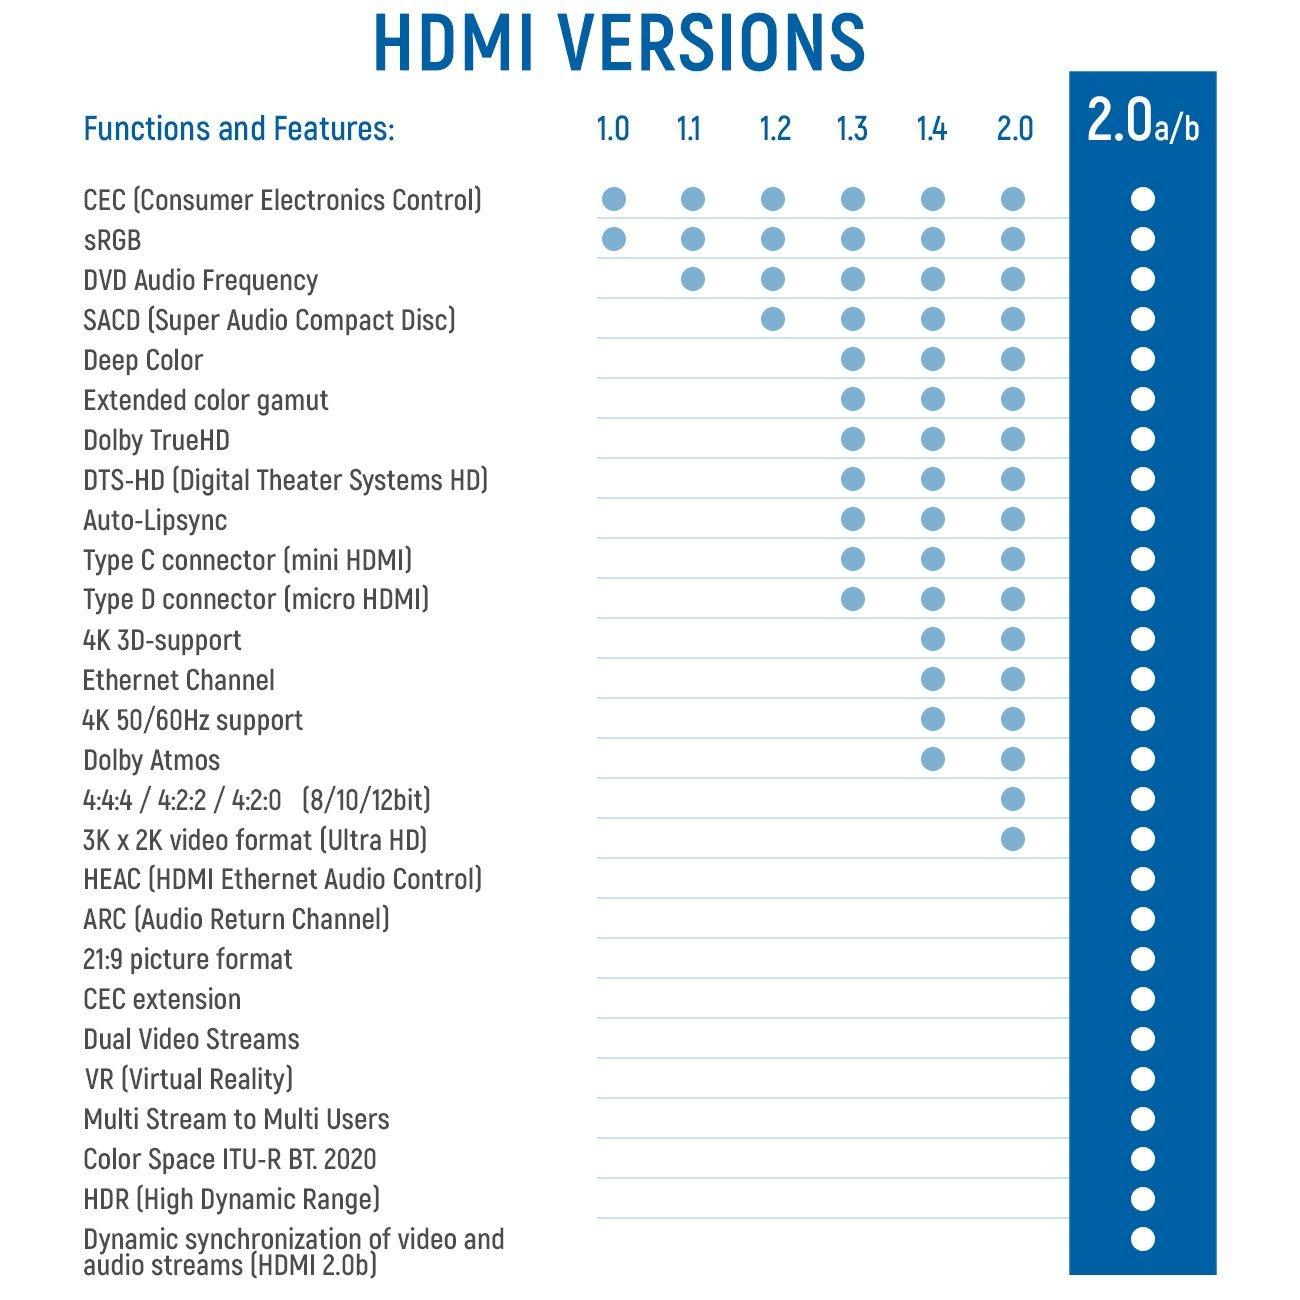 Deleycon Hdmi Kabel 20 High Speed Mit Ethernet Schwarz 15meter Suport 1080p 14a Kompatibel Neuster Standard Arc 3d 4k Ultra Hd 2160p